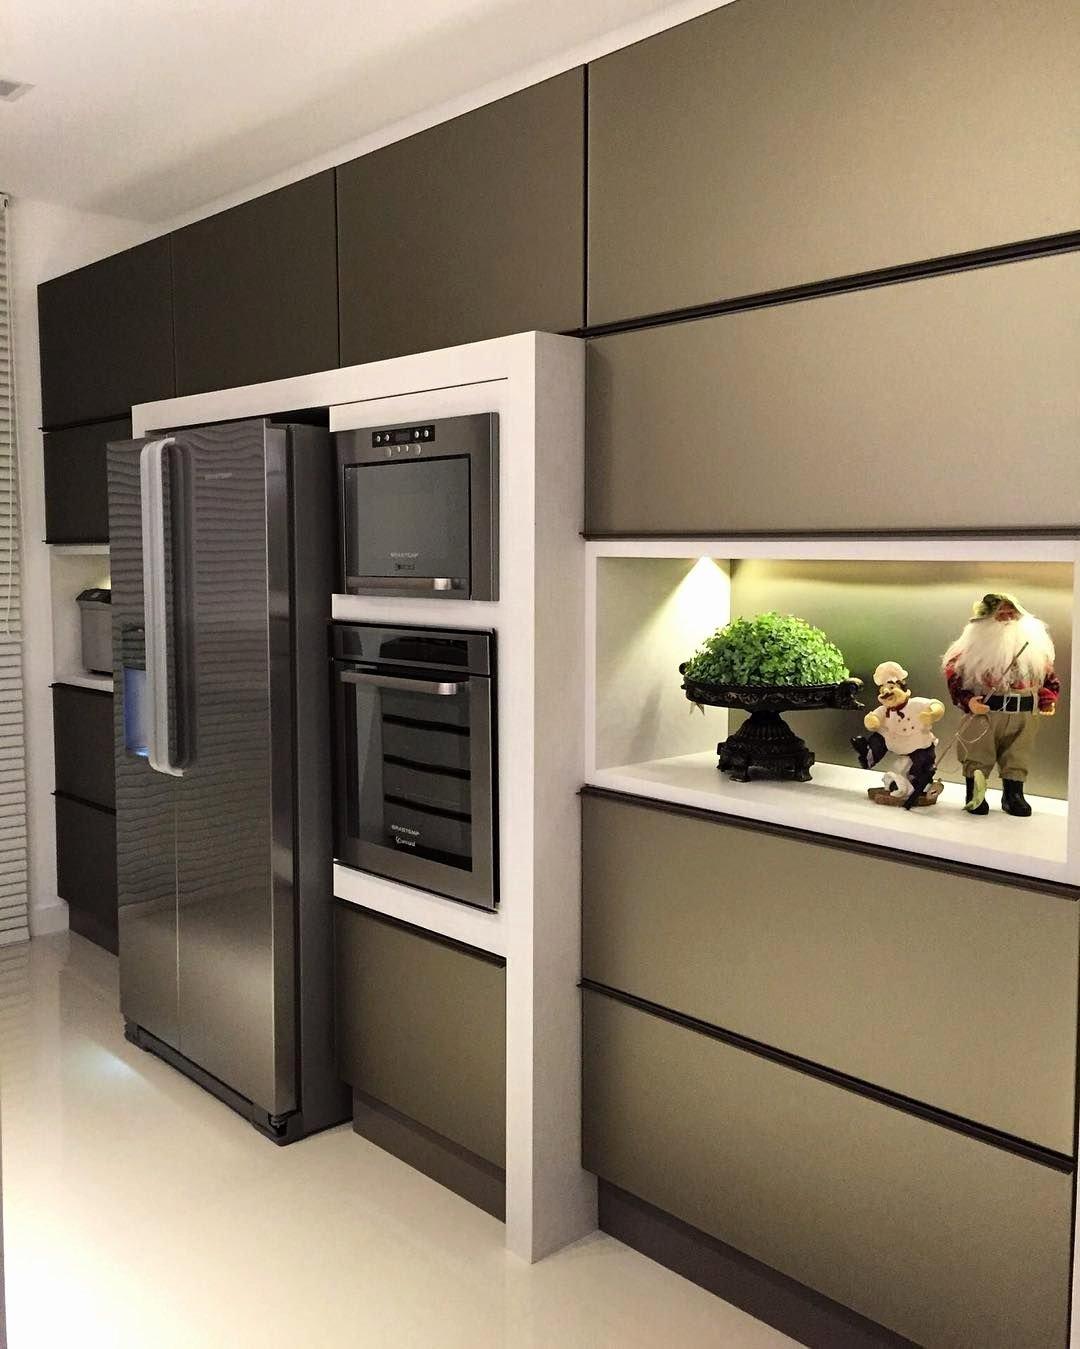 фото с холодильником фотографии изумляли, стиль